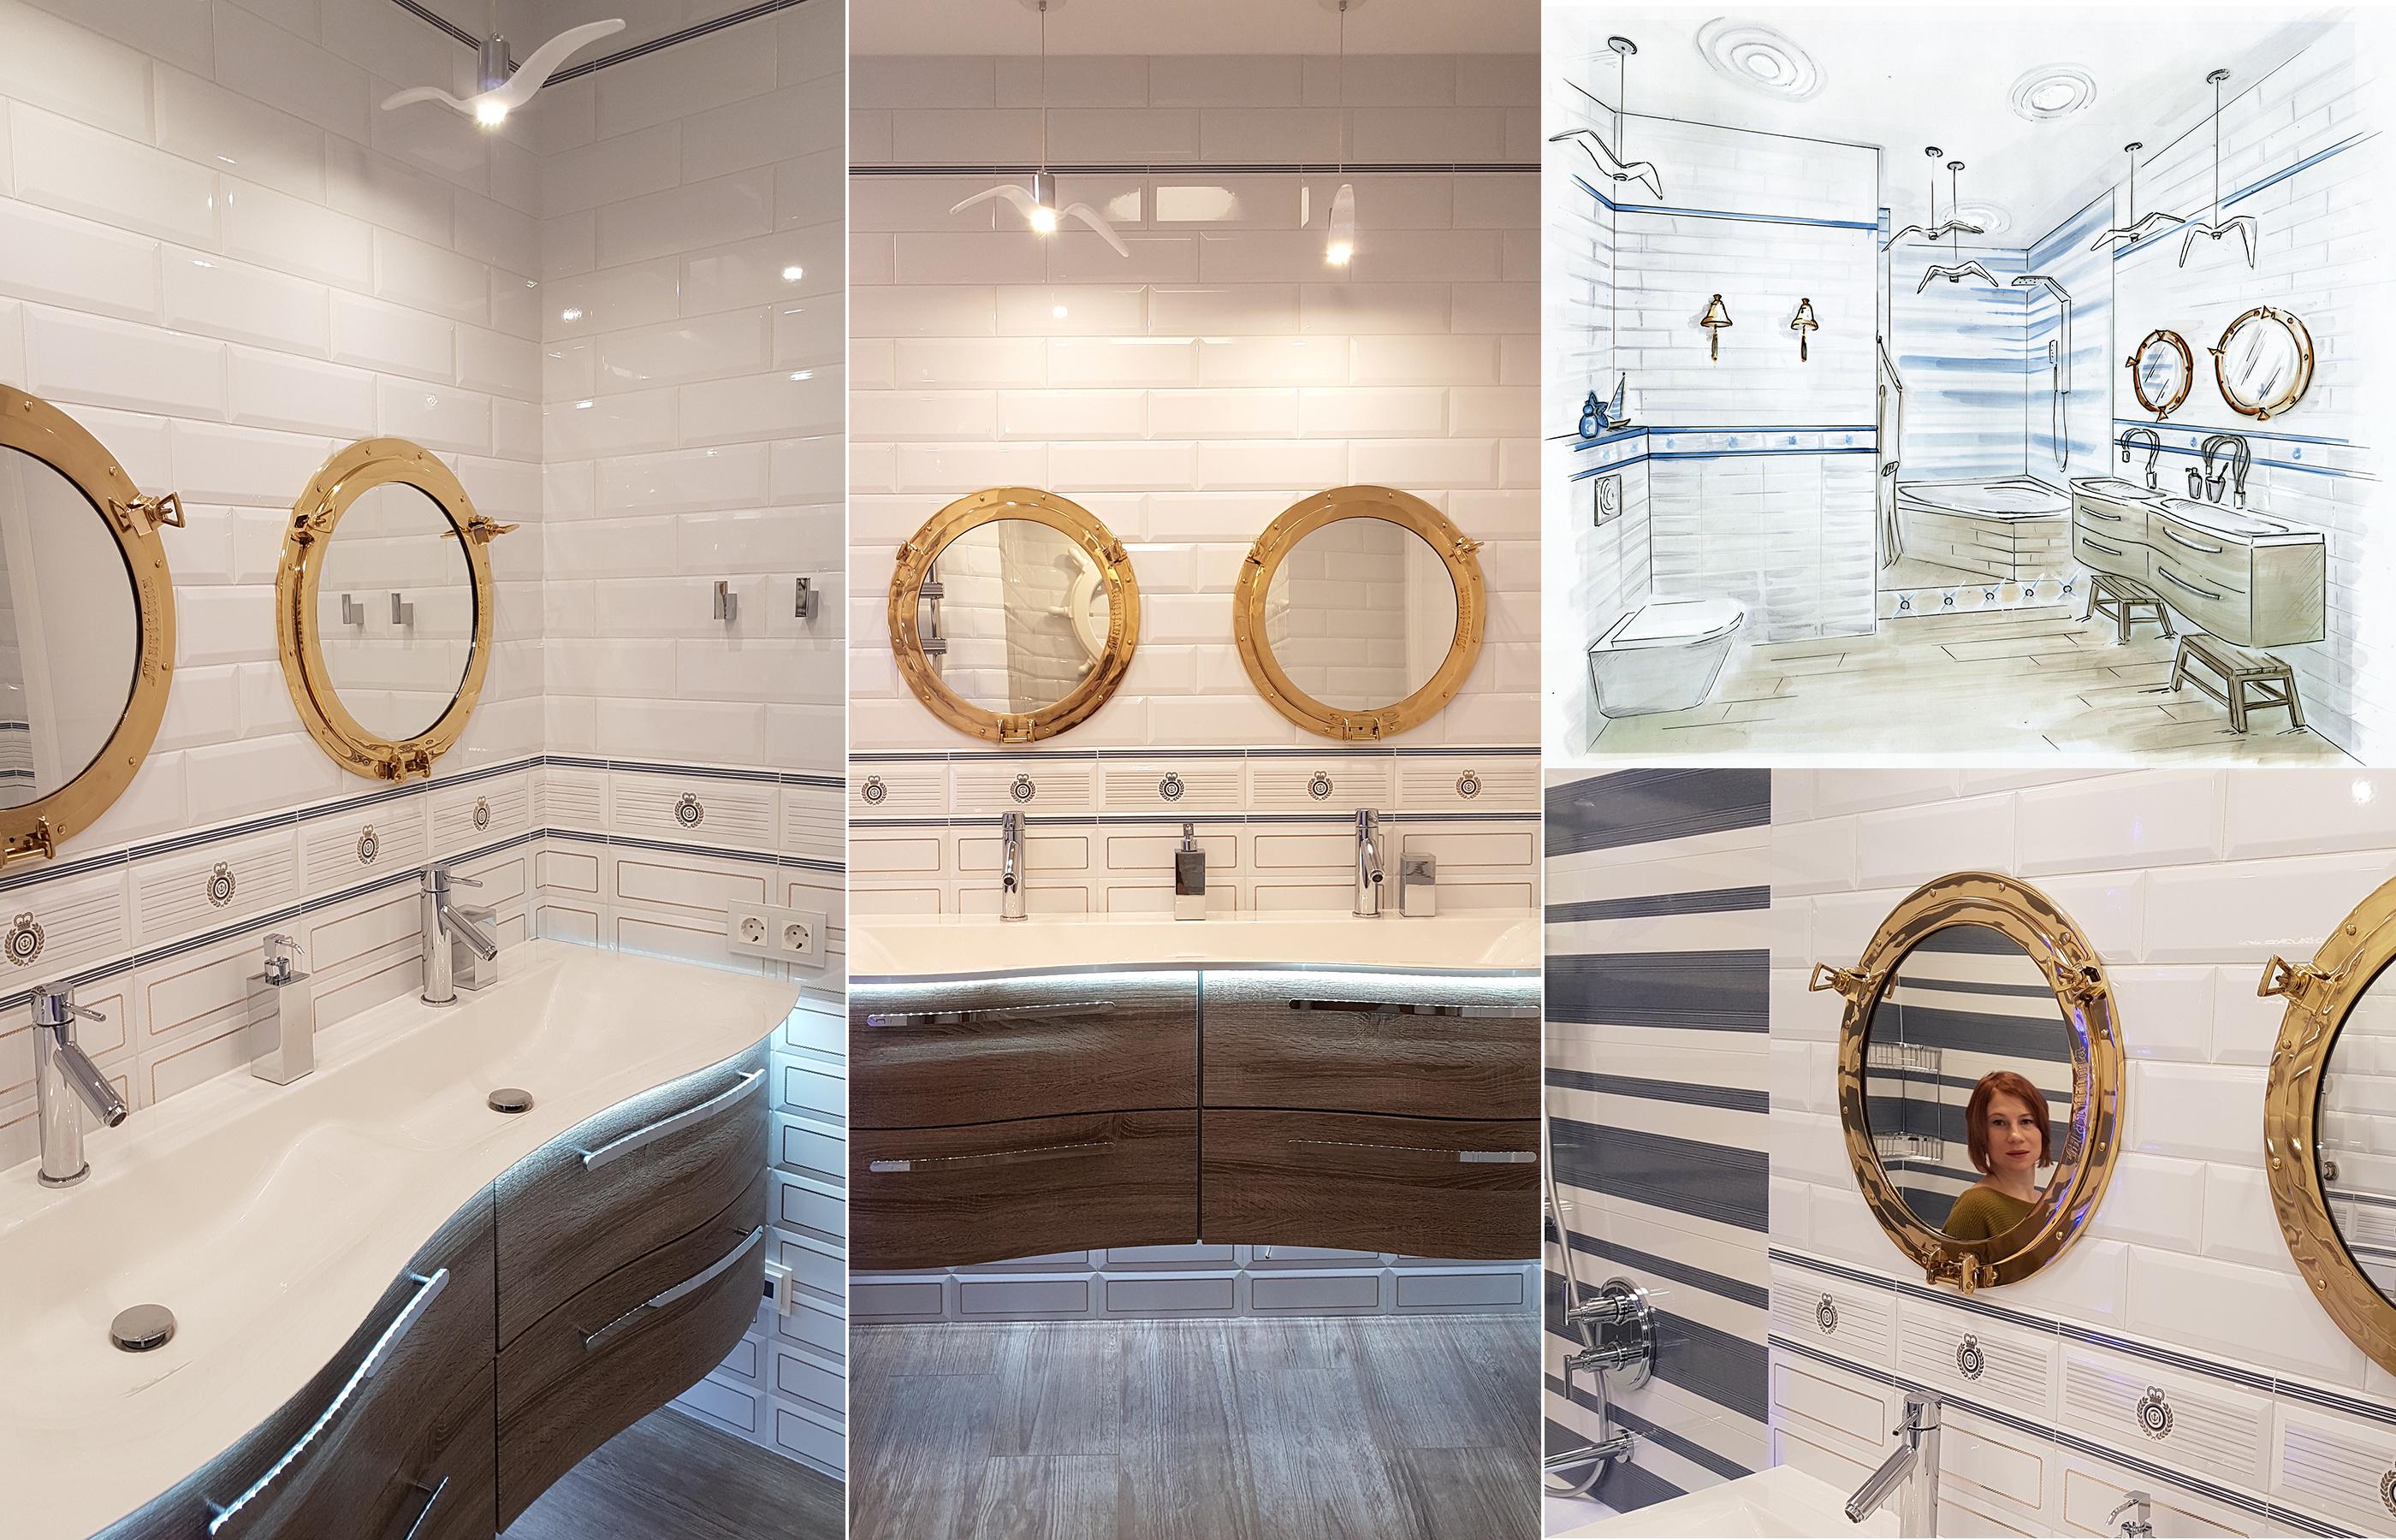 Эскиз ванной комнаты и фото реализованного интерьера ванной